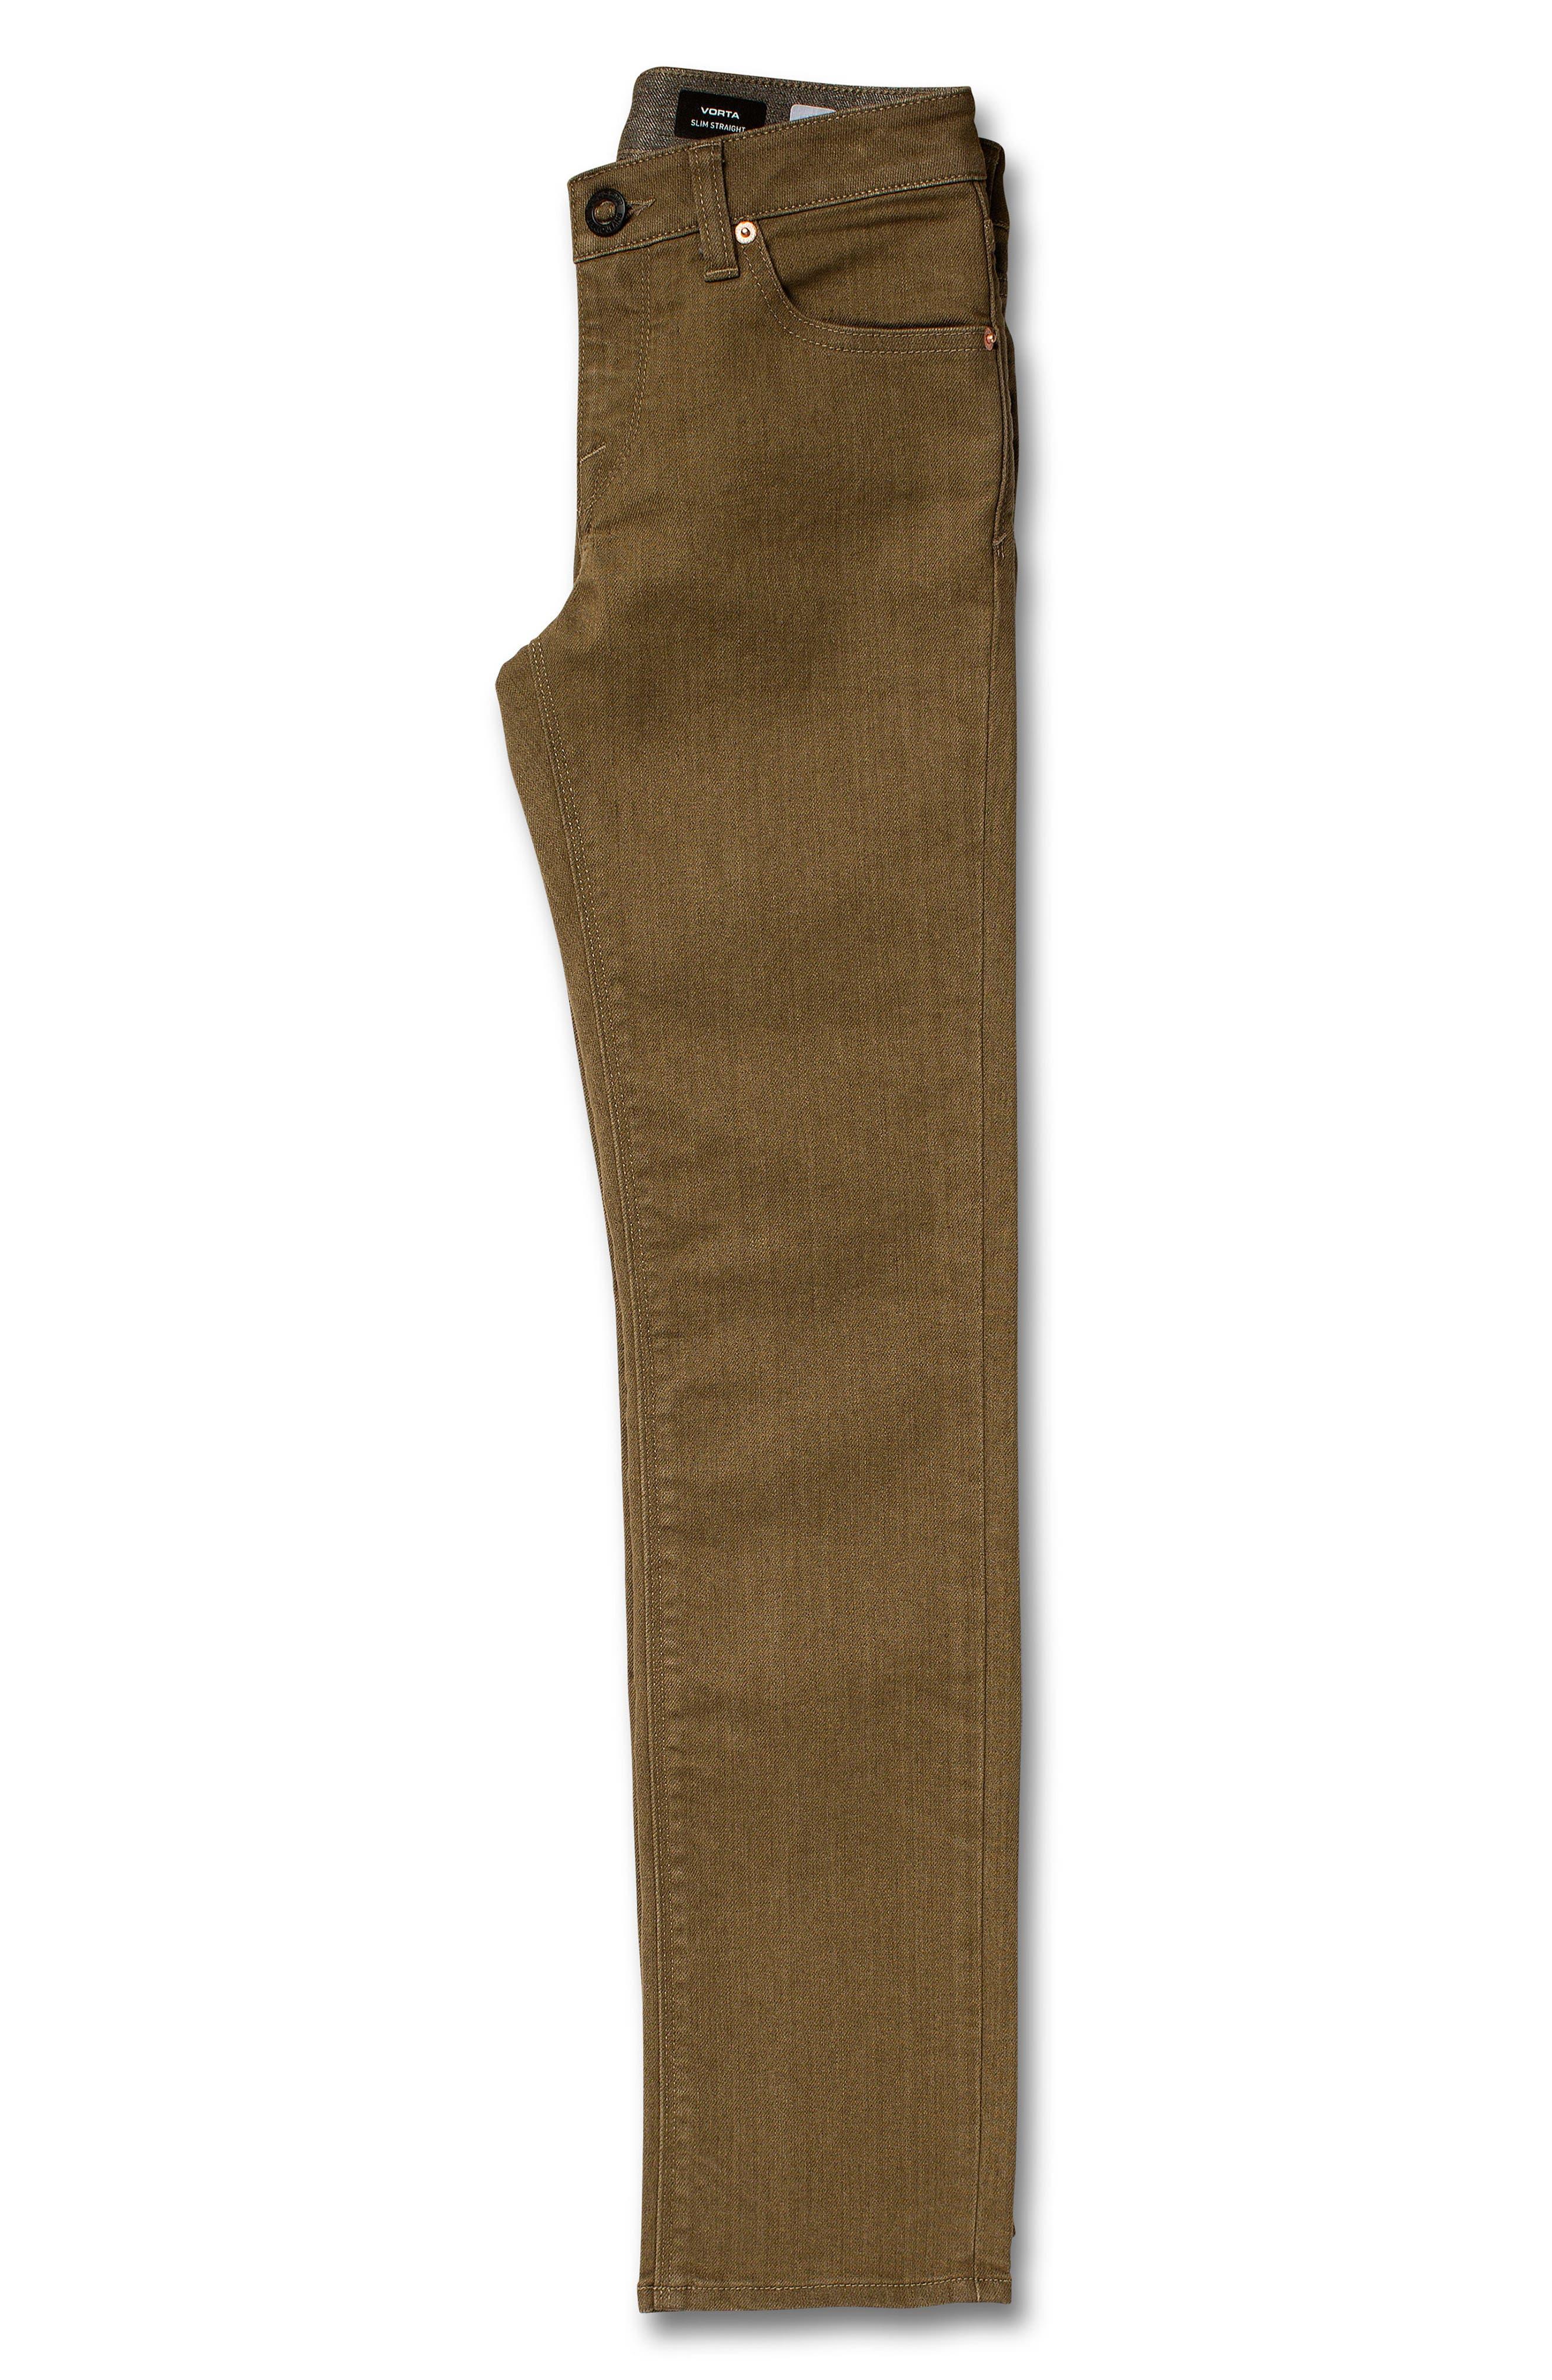 Vorta Slim Fit Jeans,                             Alternate thumbnail 3, color,                             WET SAND